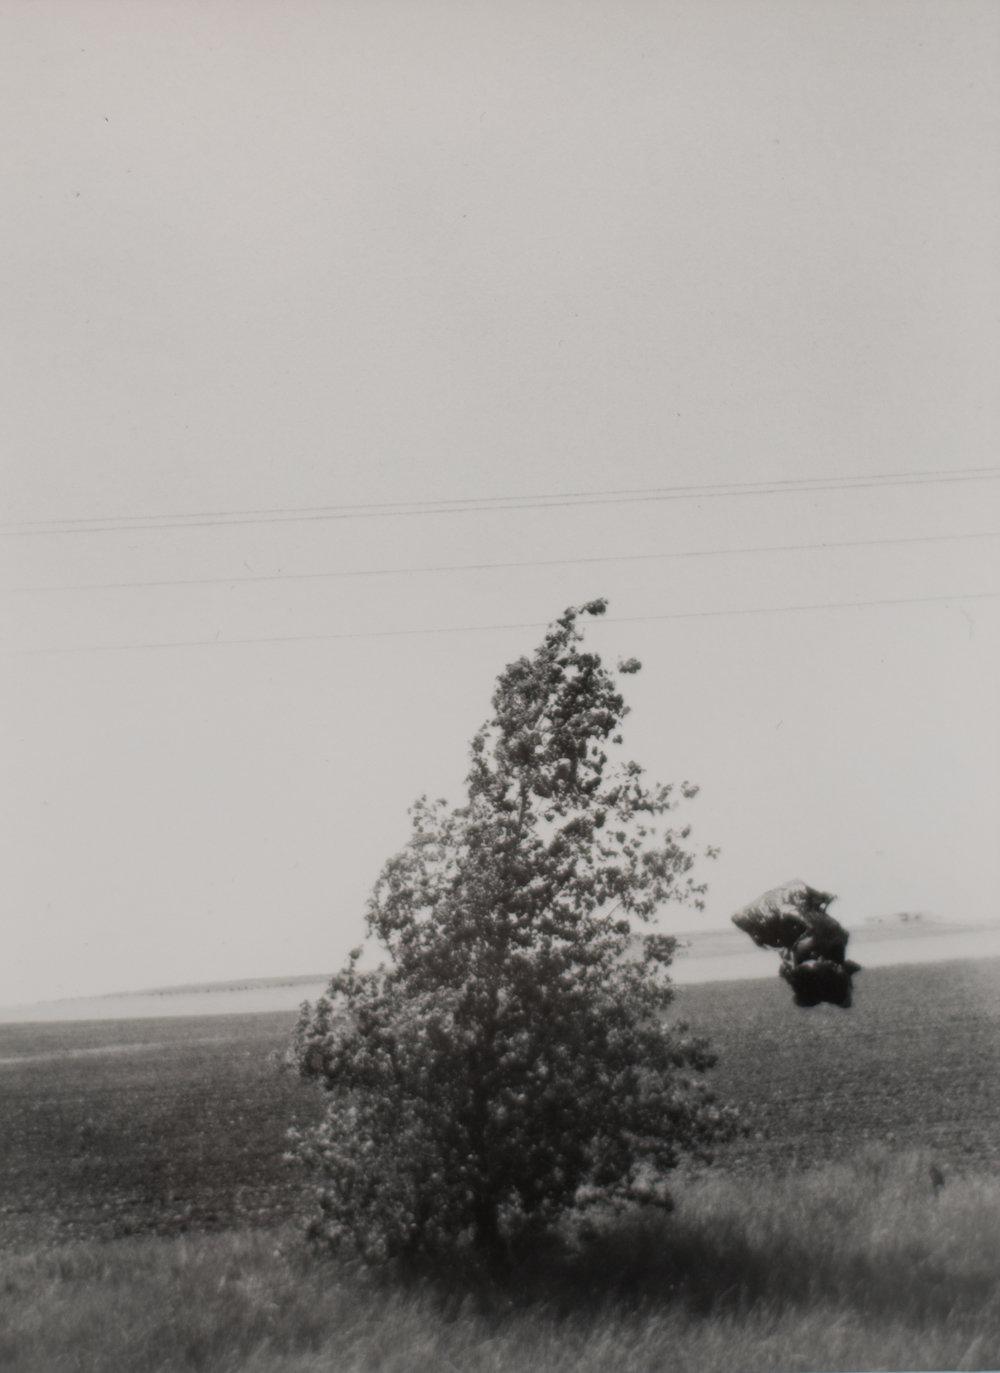 Nebraska, 2012